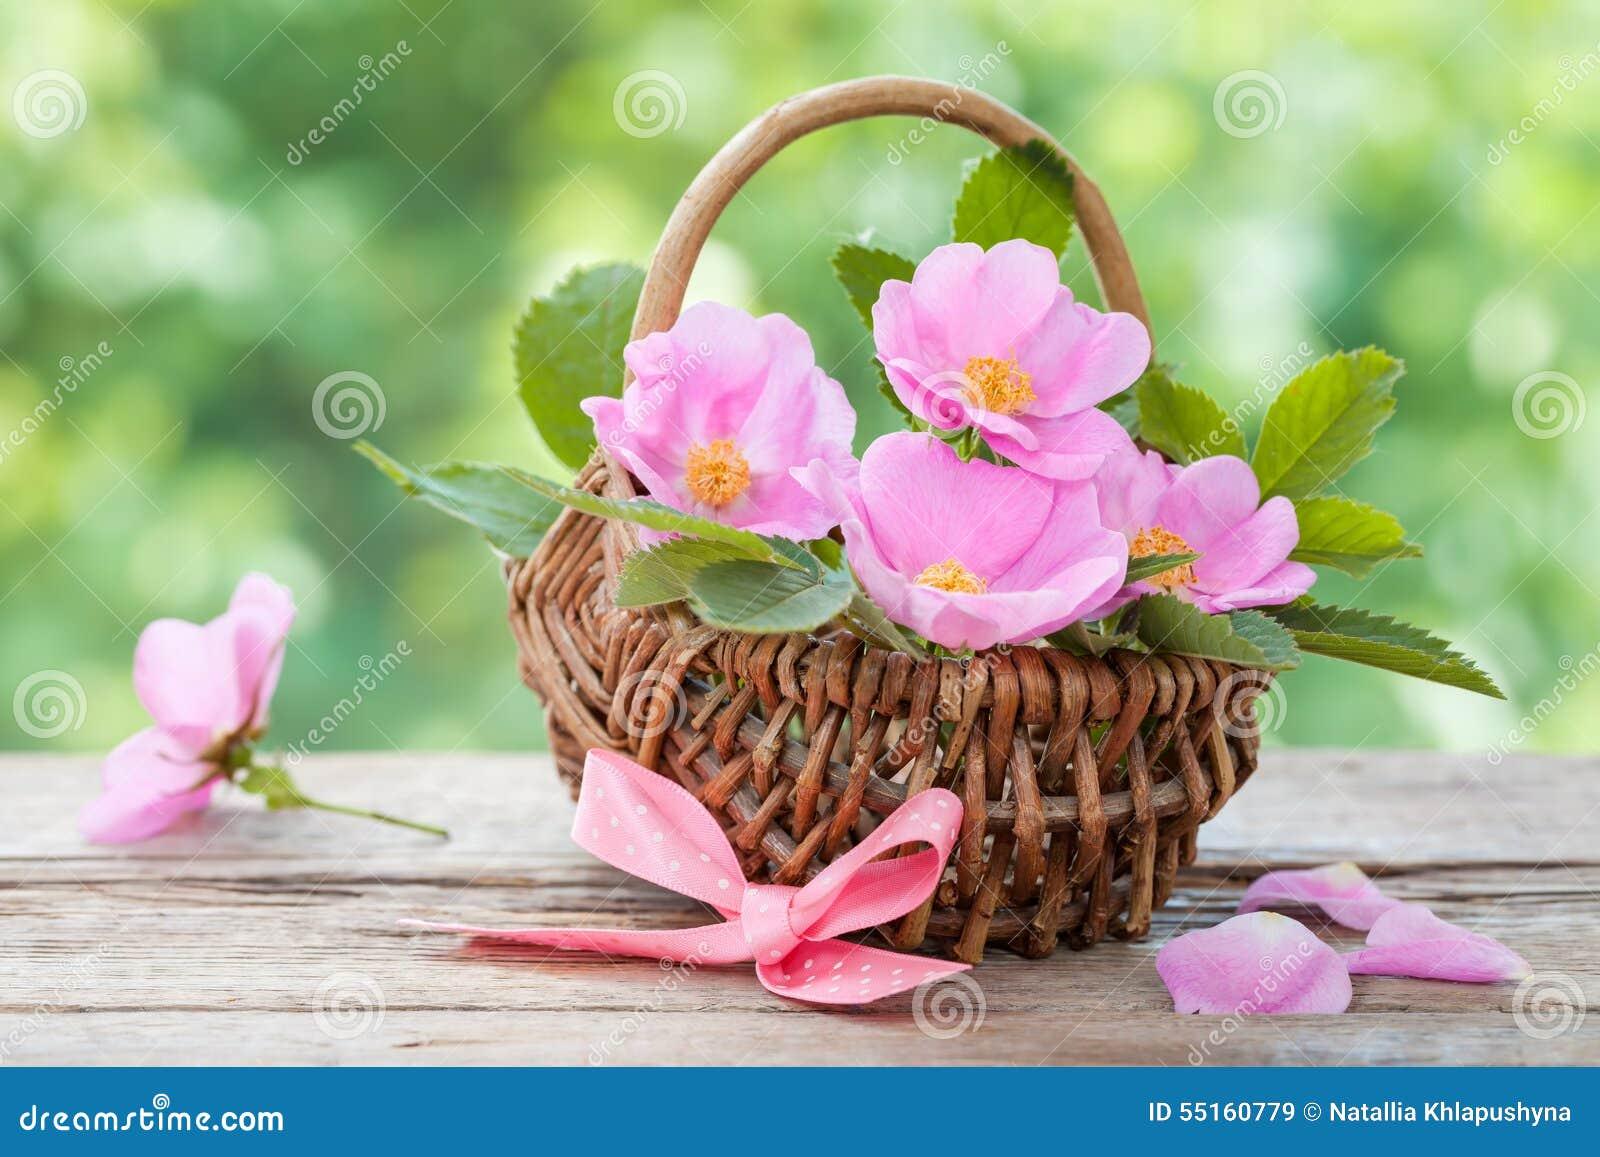 panier en osier avec les fleurs roses sauvages d corums de mariage ou d 39 anniversaire photo stock. Black Bedroom Furniture Sets. Home Design Ideas